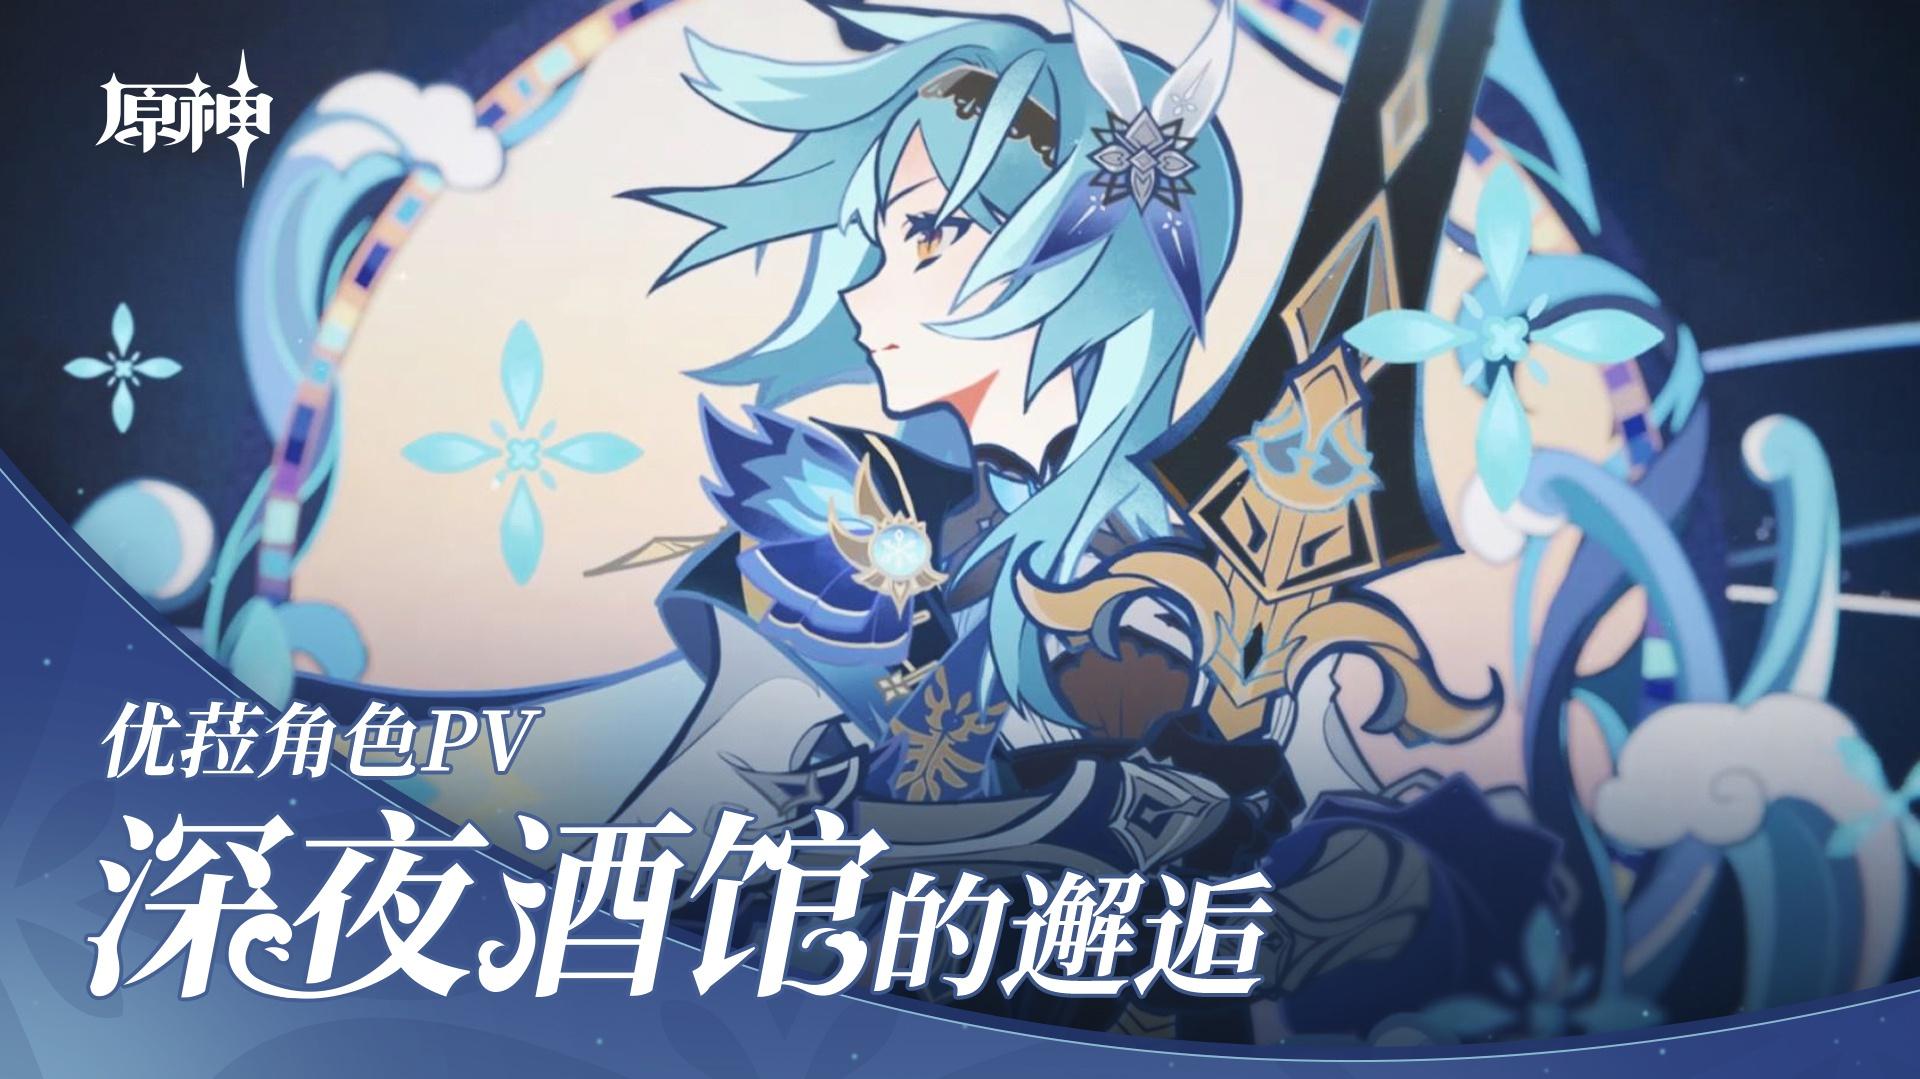 《原神》发布优菈视频PV